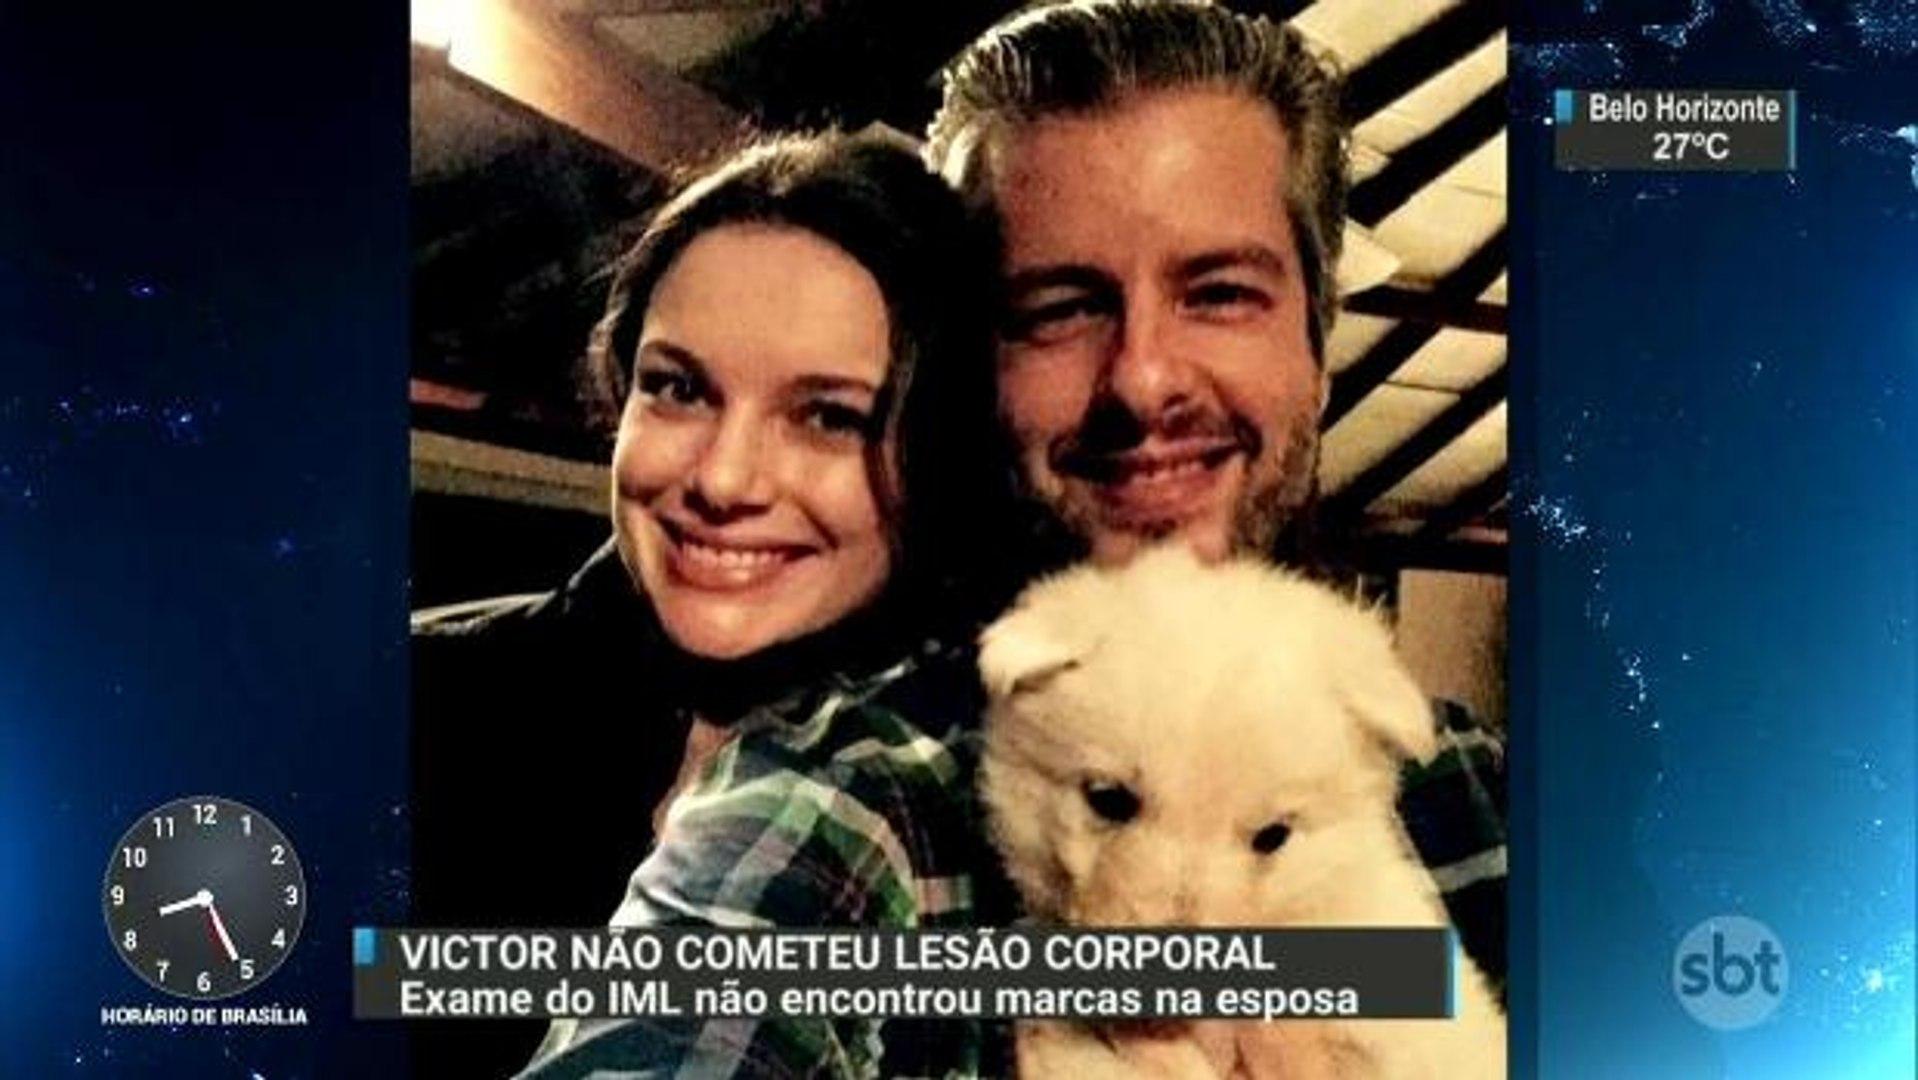 Laudo afirma que mulher do cantor sertanejo Victor não sofreu lesão corporal